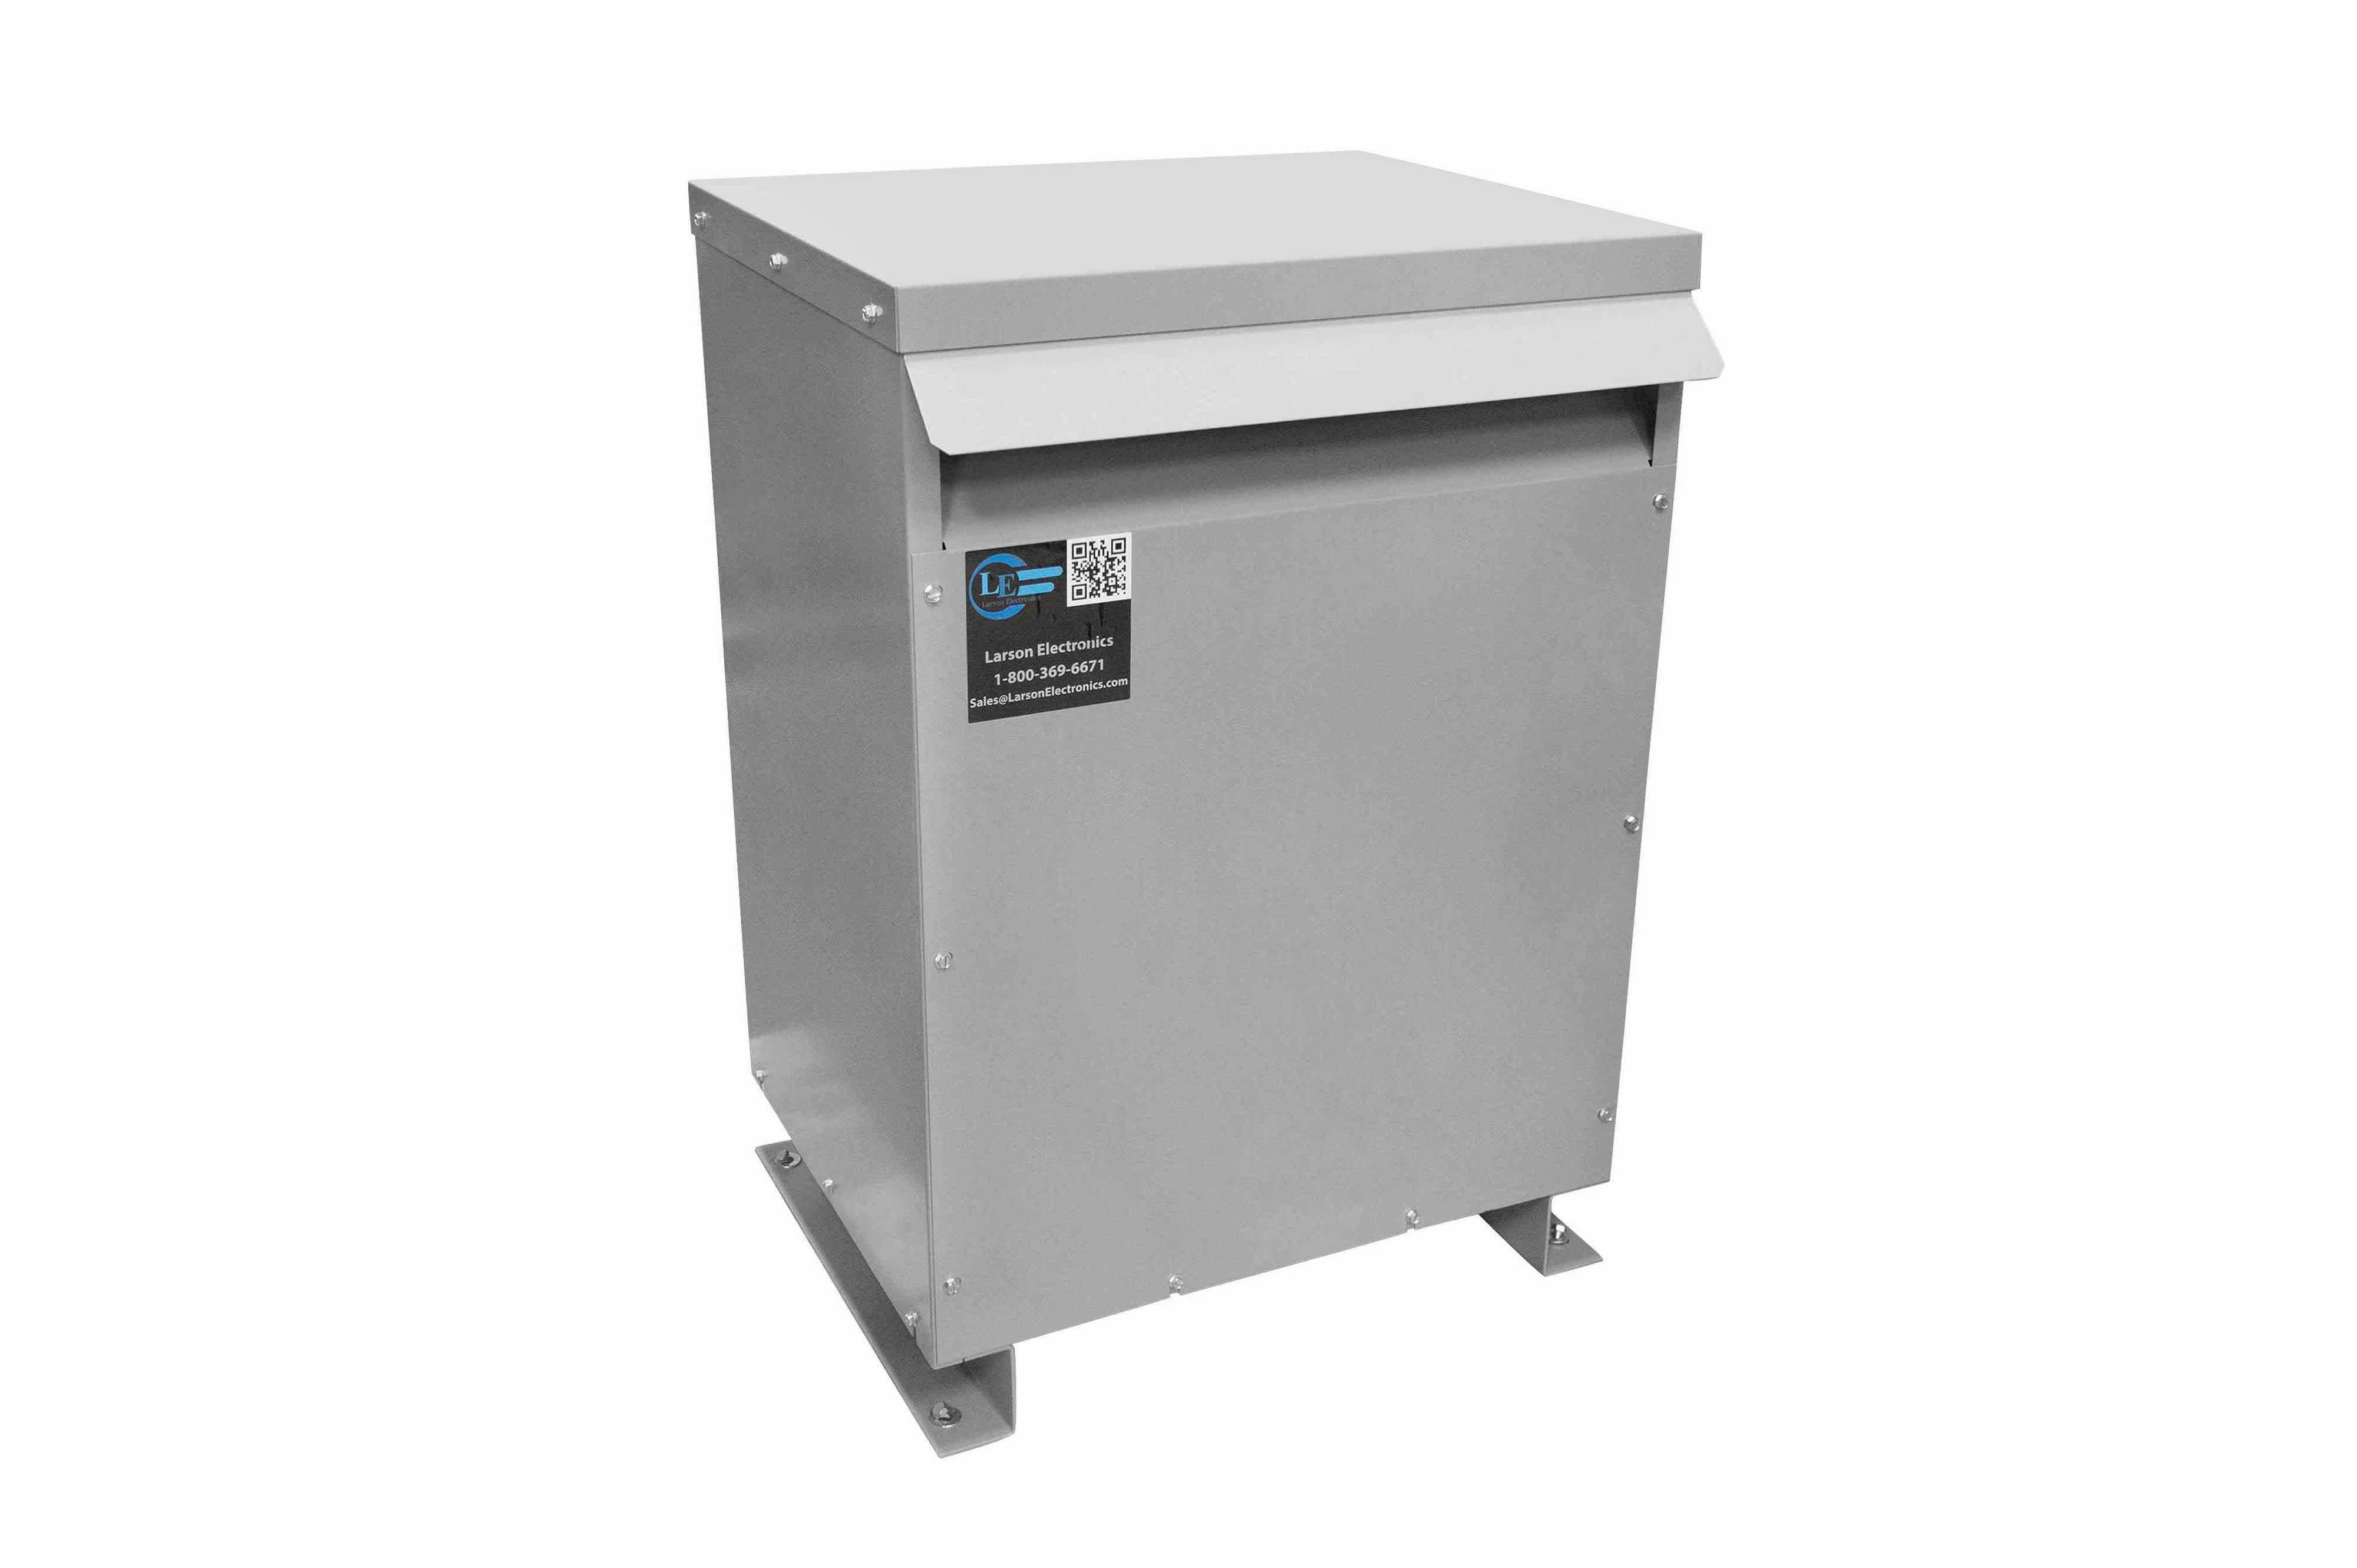 112.5 kVA 3PH Isolation Transformer, 380V Delta Primary, 600V Delta Secondary, N3R, Ventilated, 60 Hz